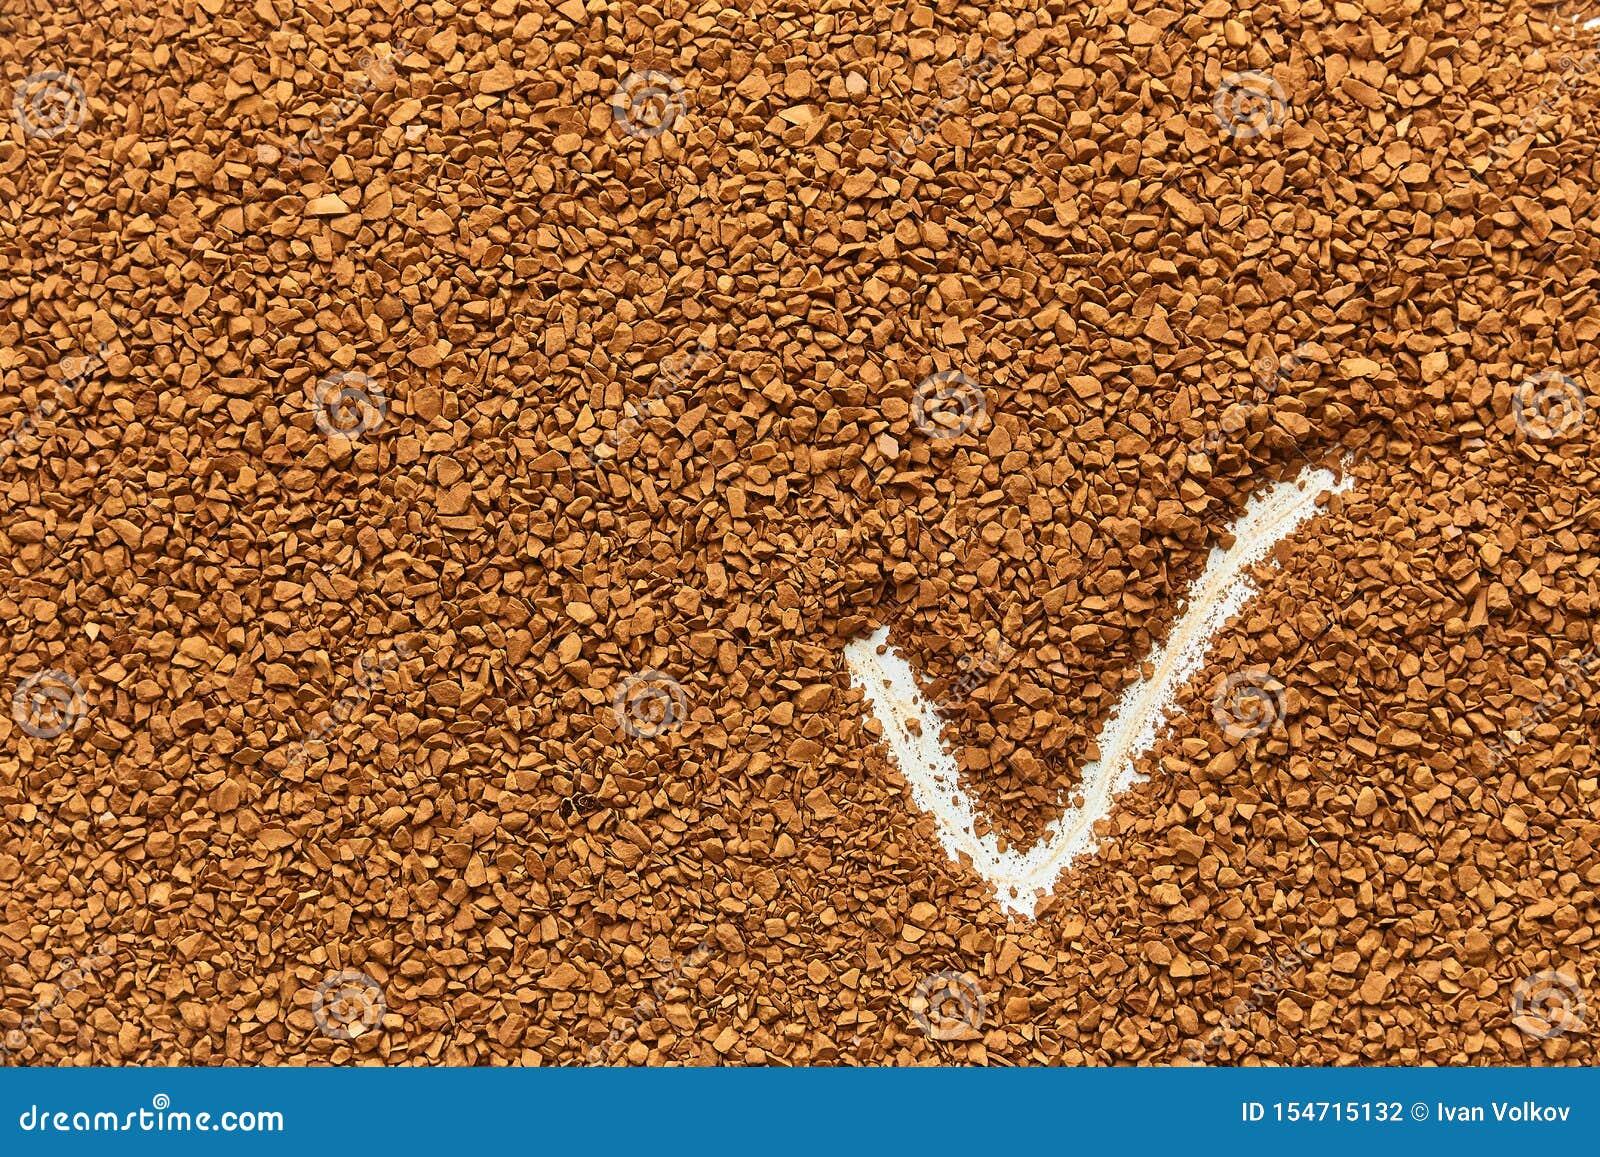 Tekstura natychmiastowa kawa świetne granule, dobry rezultat